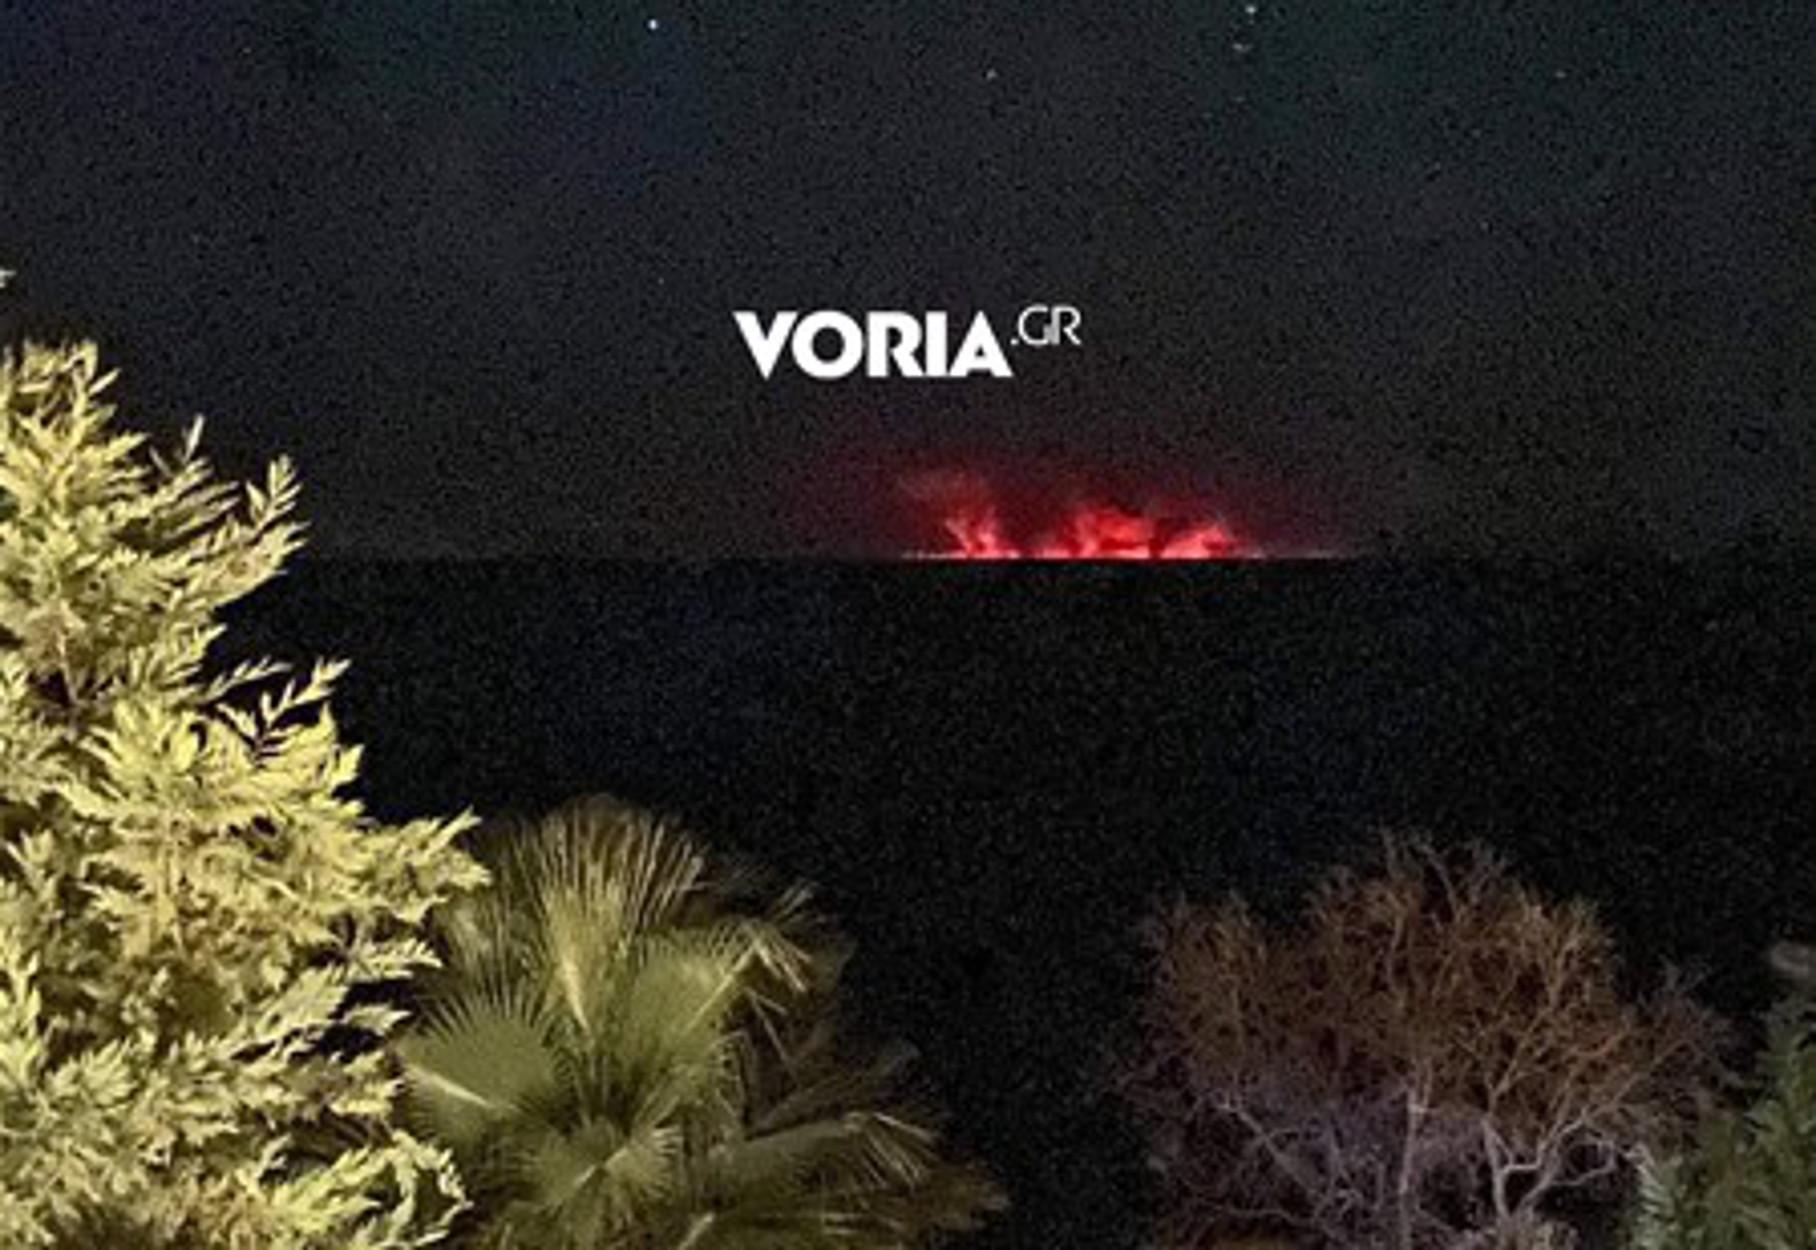 Φωτιά στην Εύβοια: Ορατές οι φλόγες σε Βόλο και Χαλκιδική – Τρομακτικές εικόνες